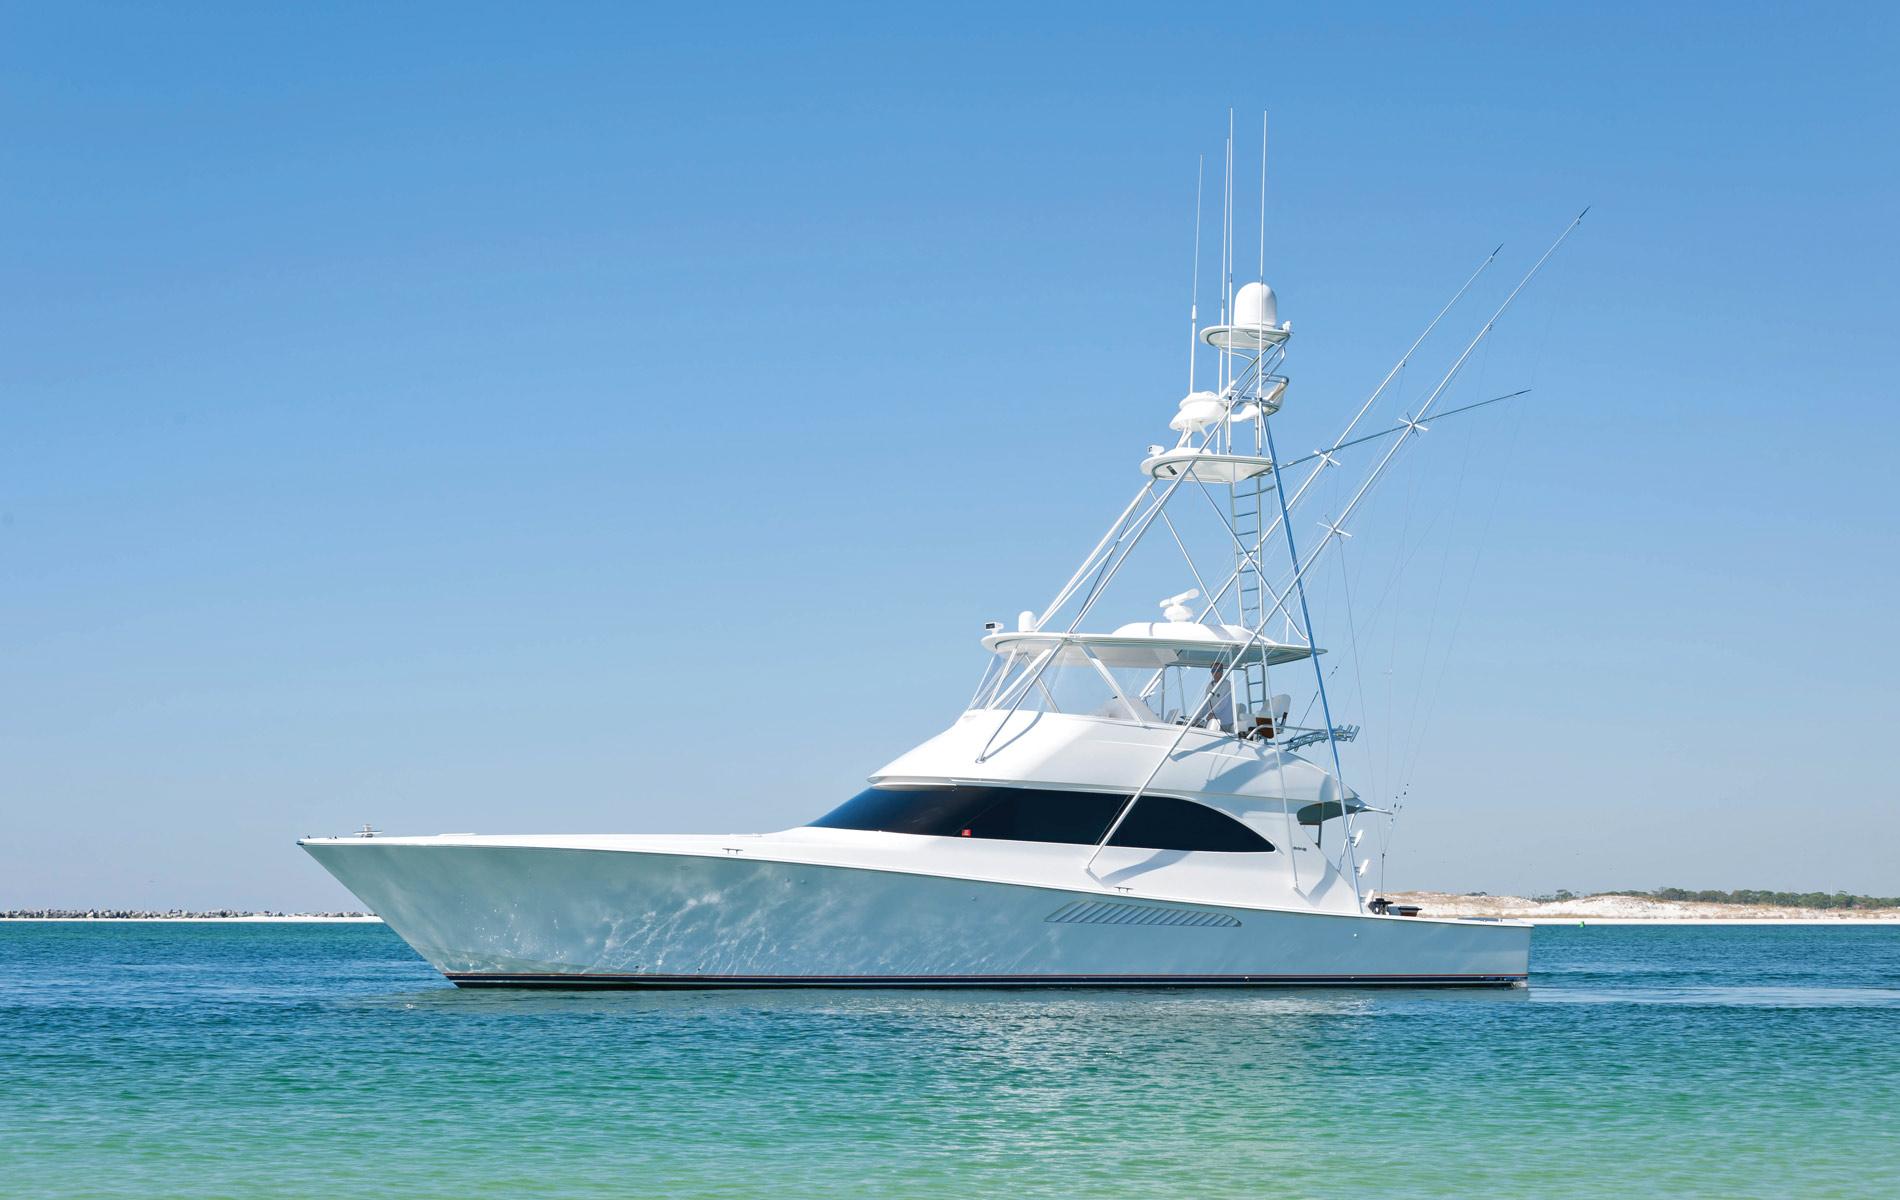 vie-magazine-galati-yachts